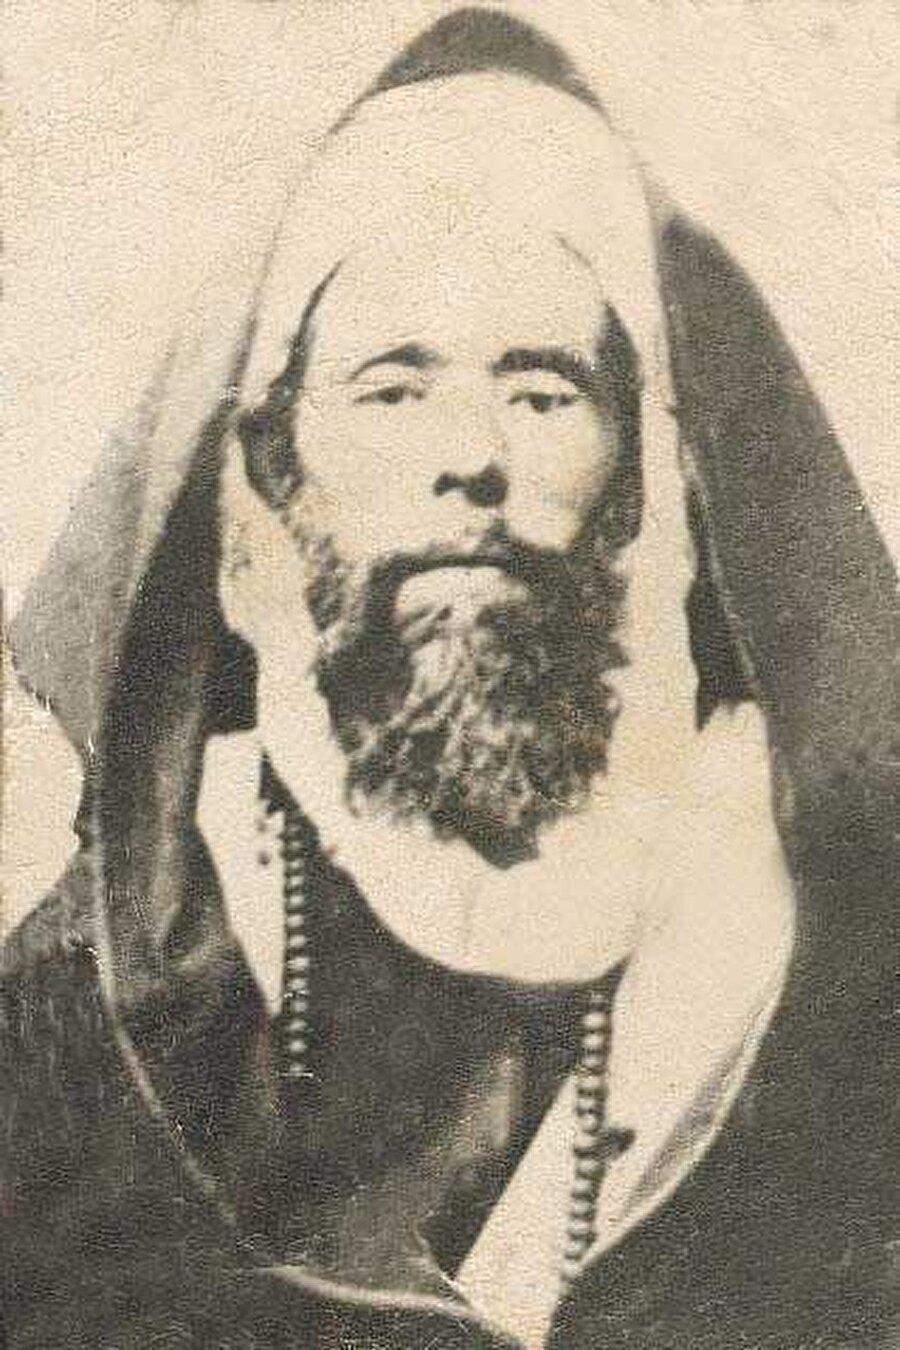 Aleviyye tarikatı üyeleri, Ahmed el-Alevi'den gelen bir adet olarak boyunlarına doksan dokuzluk tesbihler takarlar.